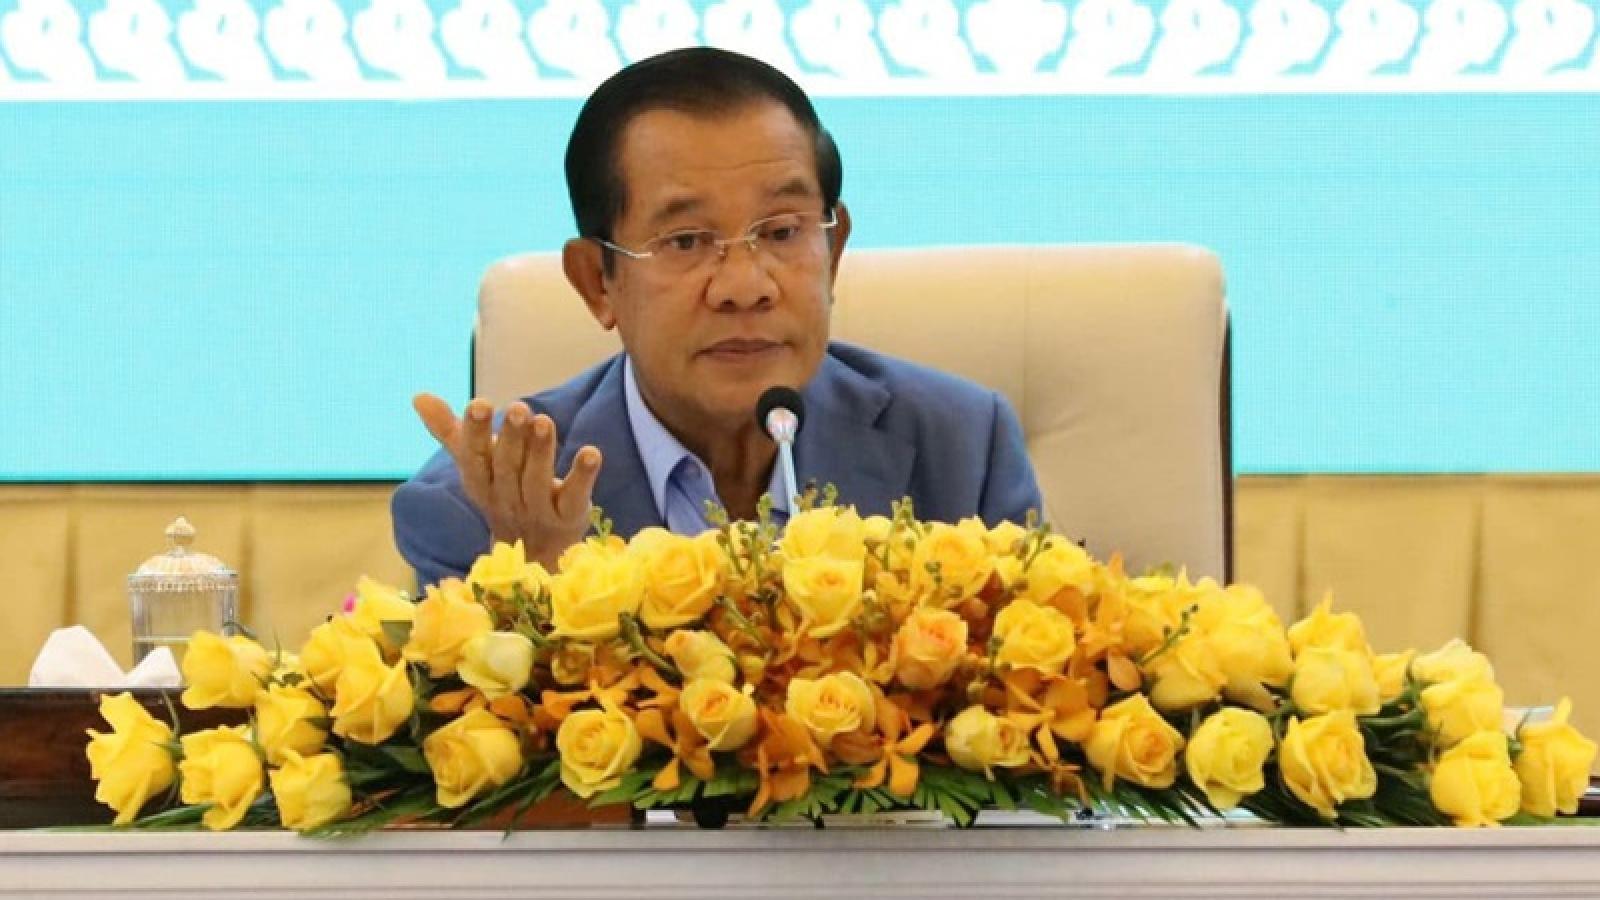 Thủ tướng Campuchia cho phép tất cả học sinh lớp 12 tốt nghiệp không cần qua kỳ thi